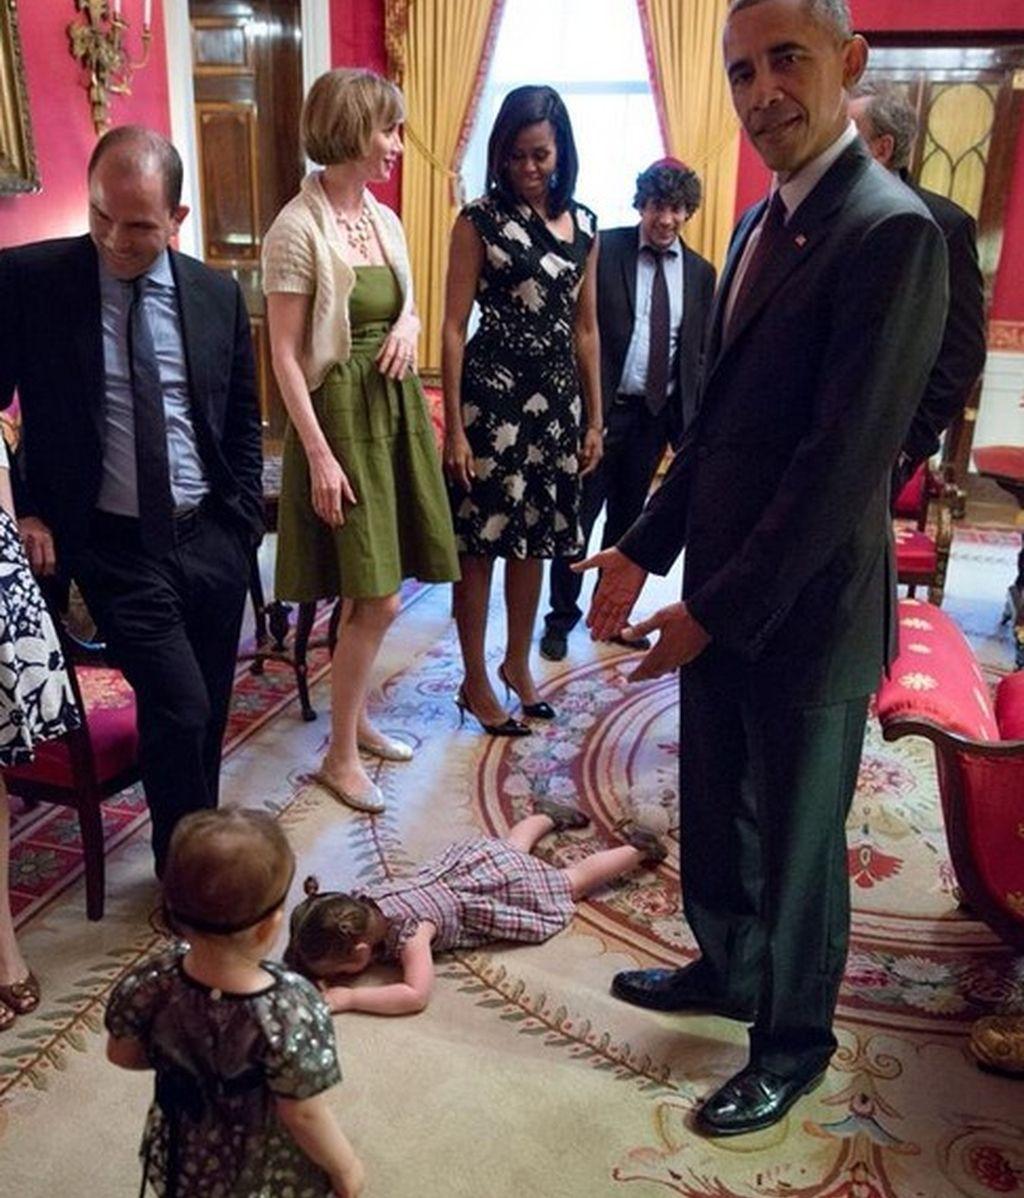 A esta niña parece no gustarle mucho su visita a la Casa Blanca